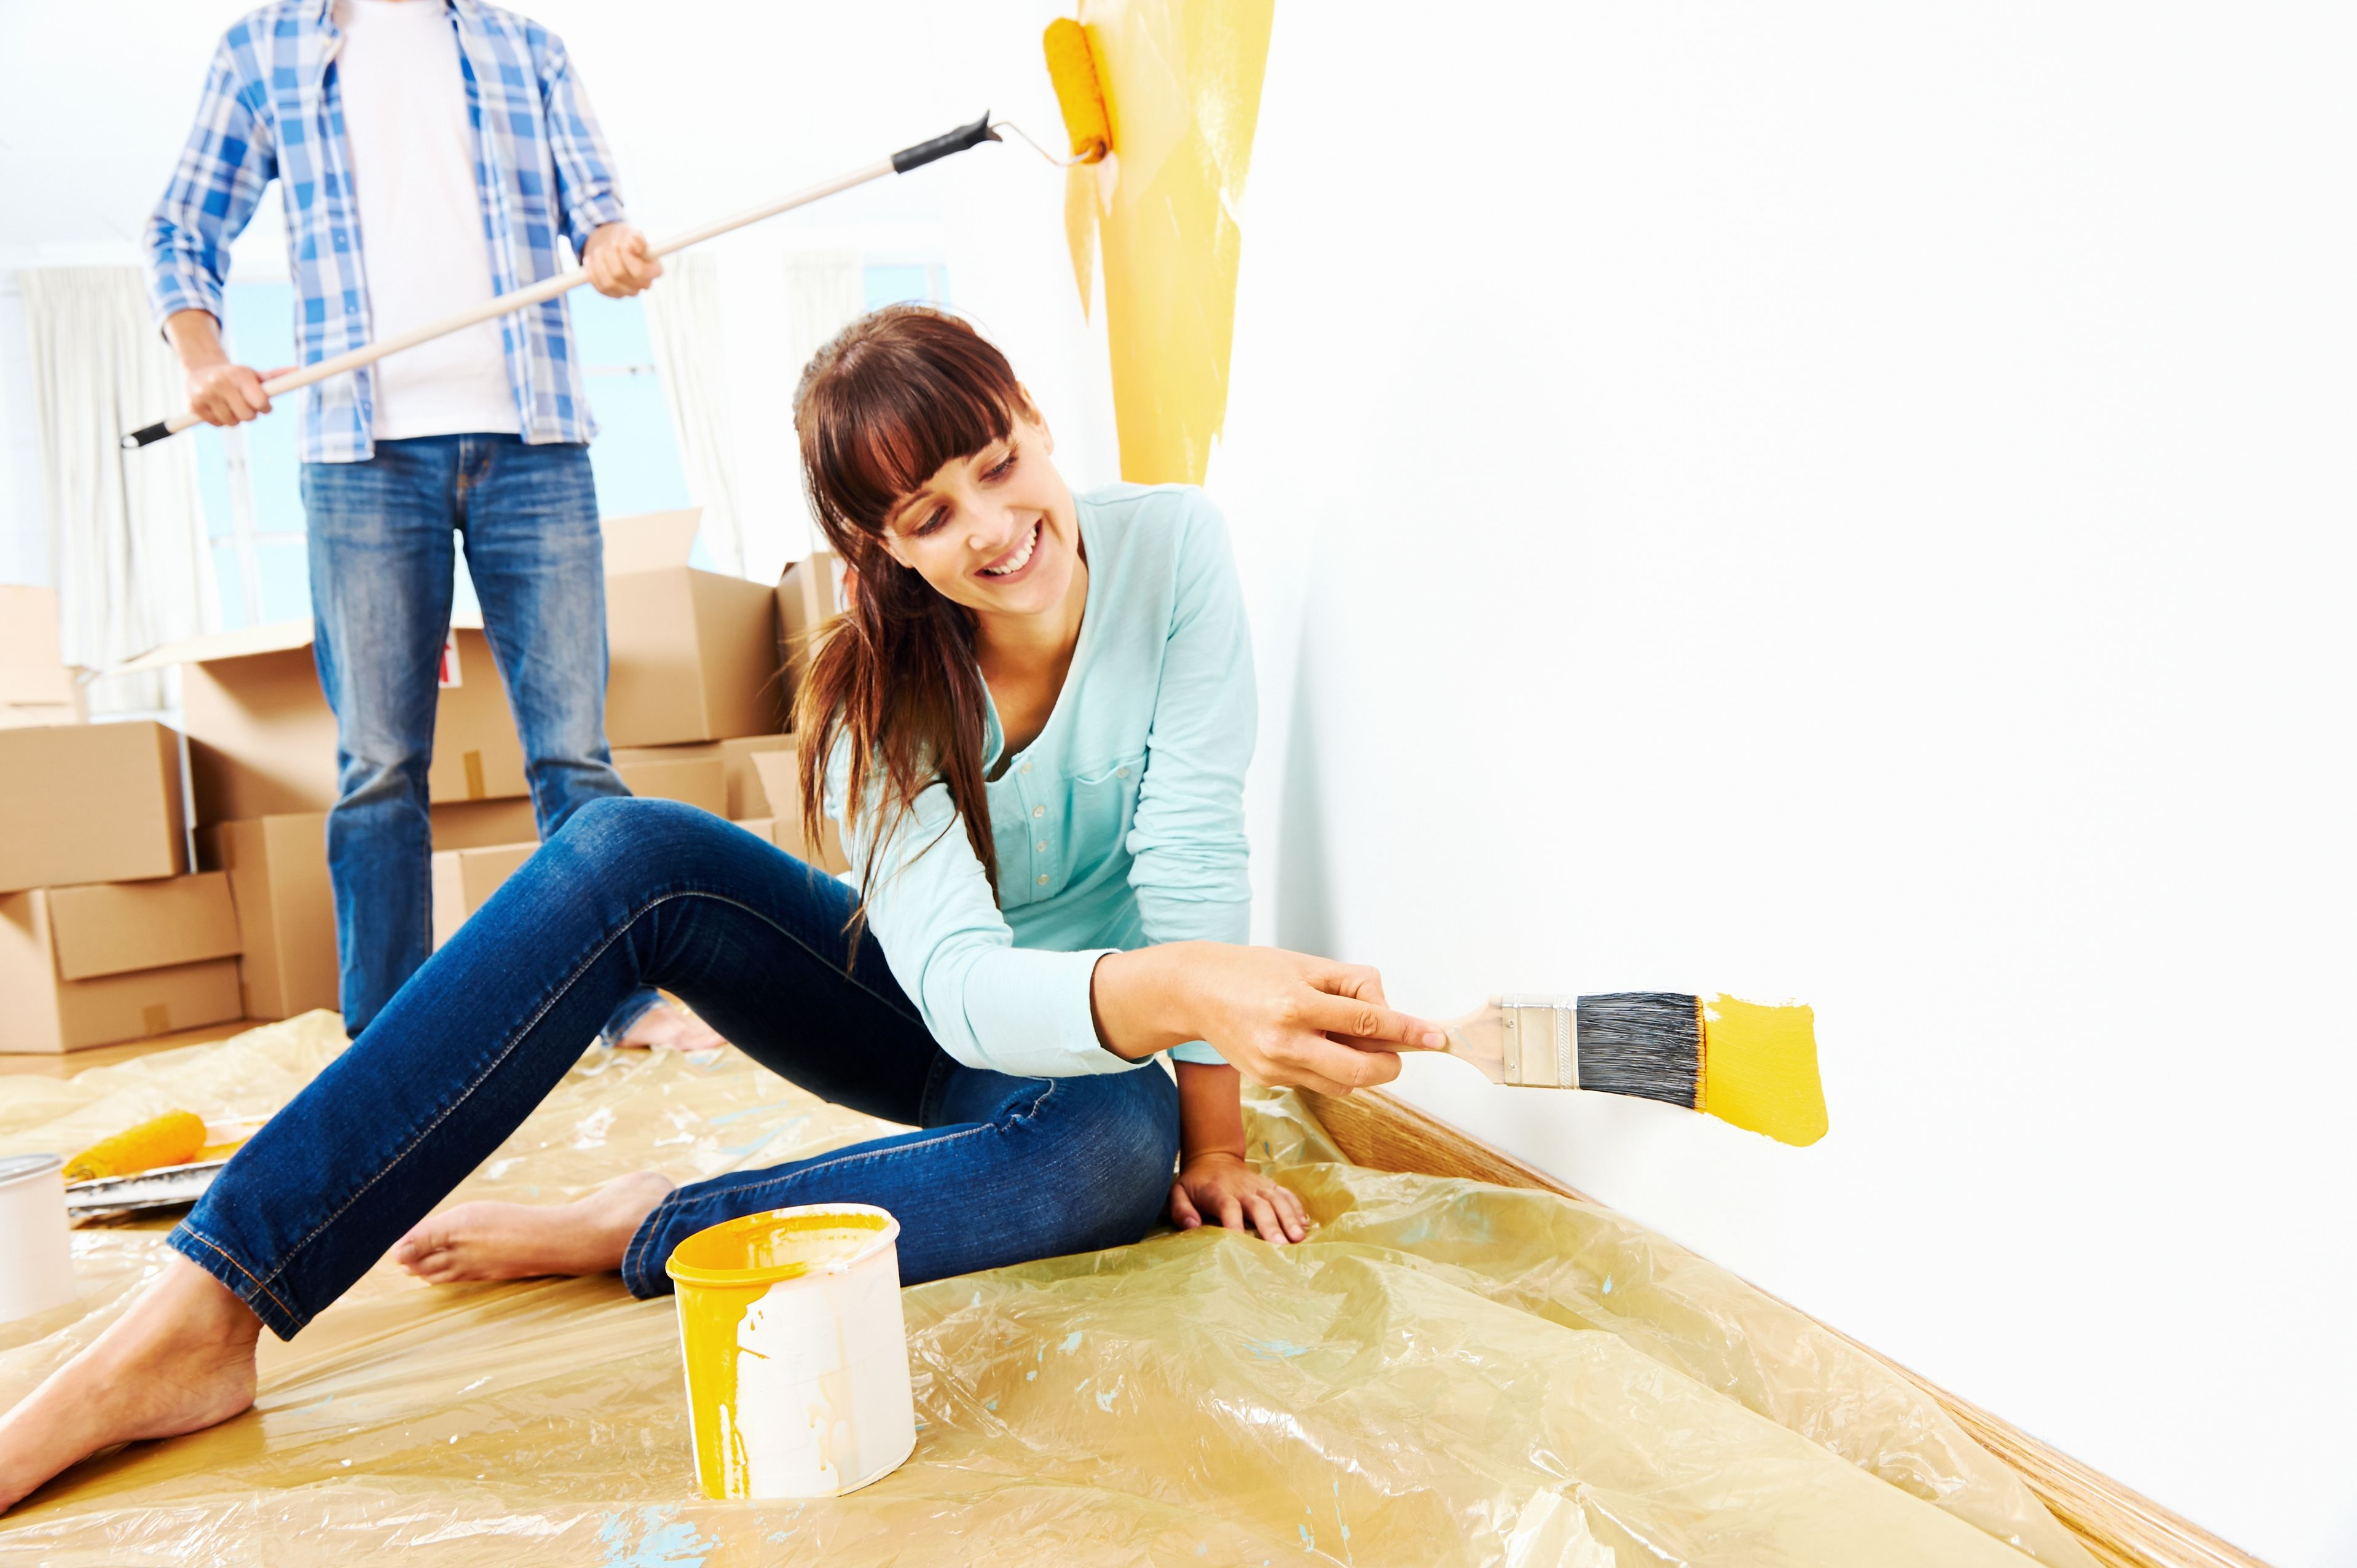 Remont mieszkania – jak się do niego przygotować, aby przebiegł bezproblemowo?